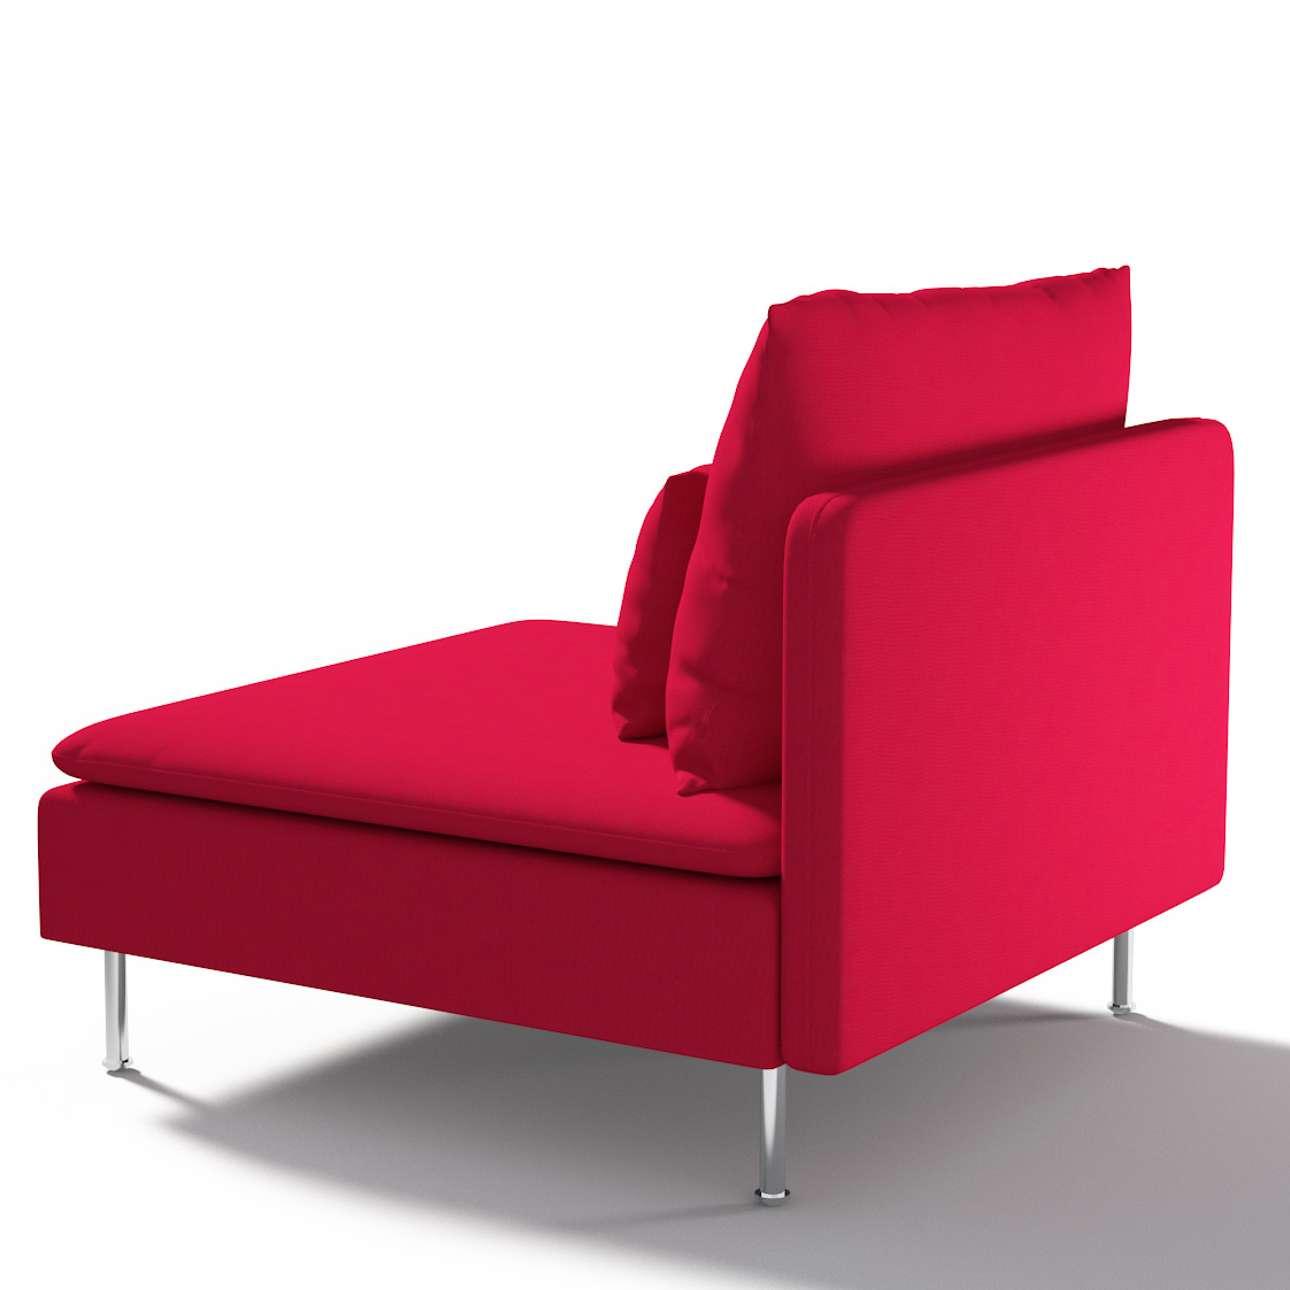 Bezug für Söderhamn Sitzelement 1 von der Kollektion Etna, Stoff: 705-60